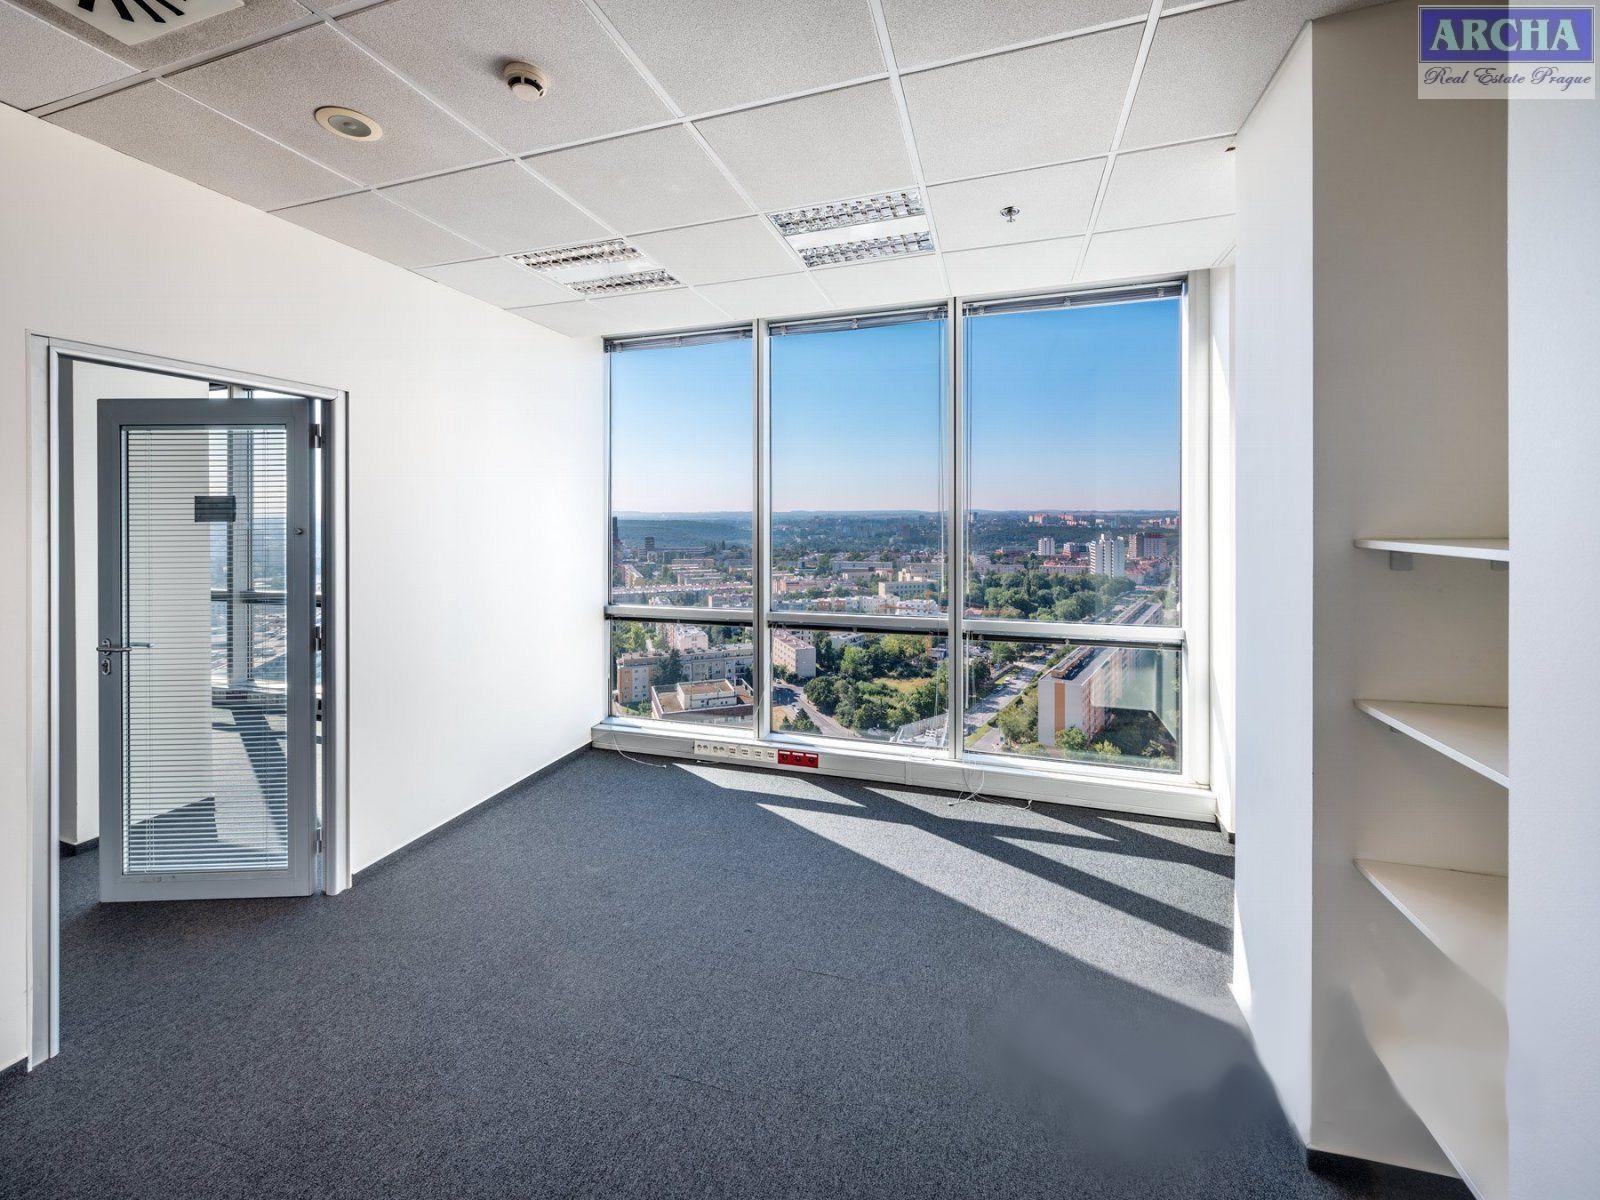 Nájem moderních kanceláří 85,6 m2, 13 patro, Praha 4 Pankrác